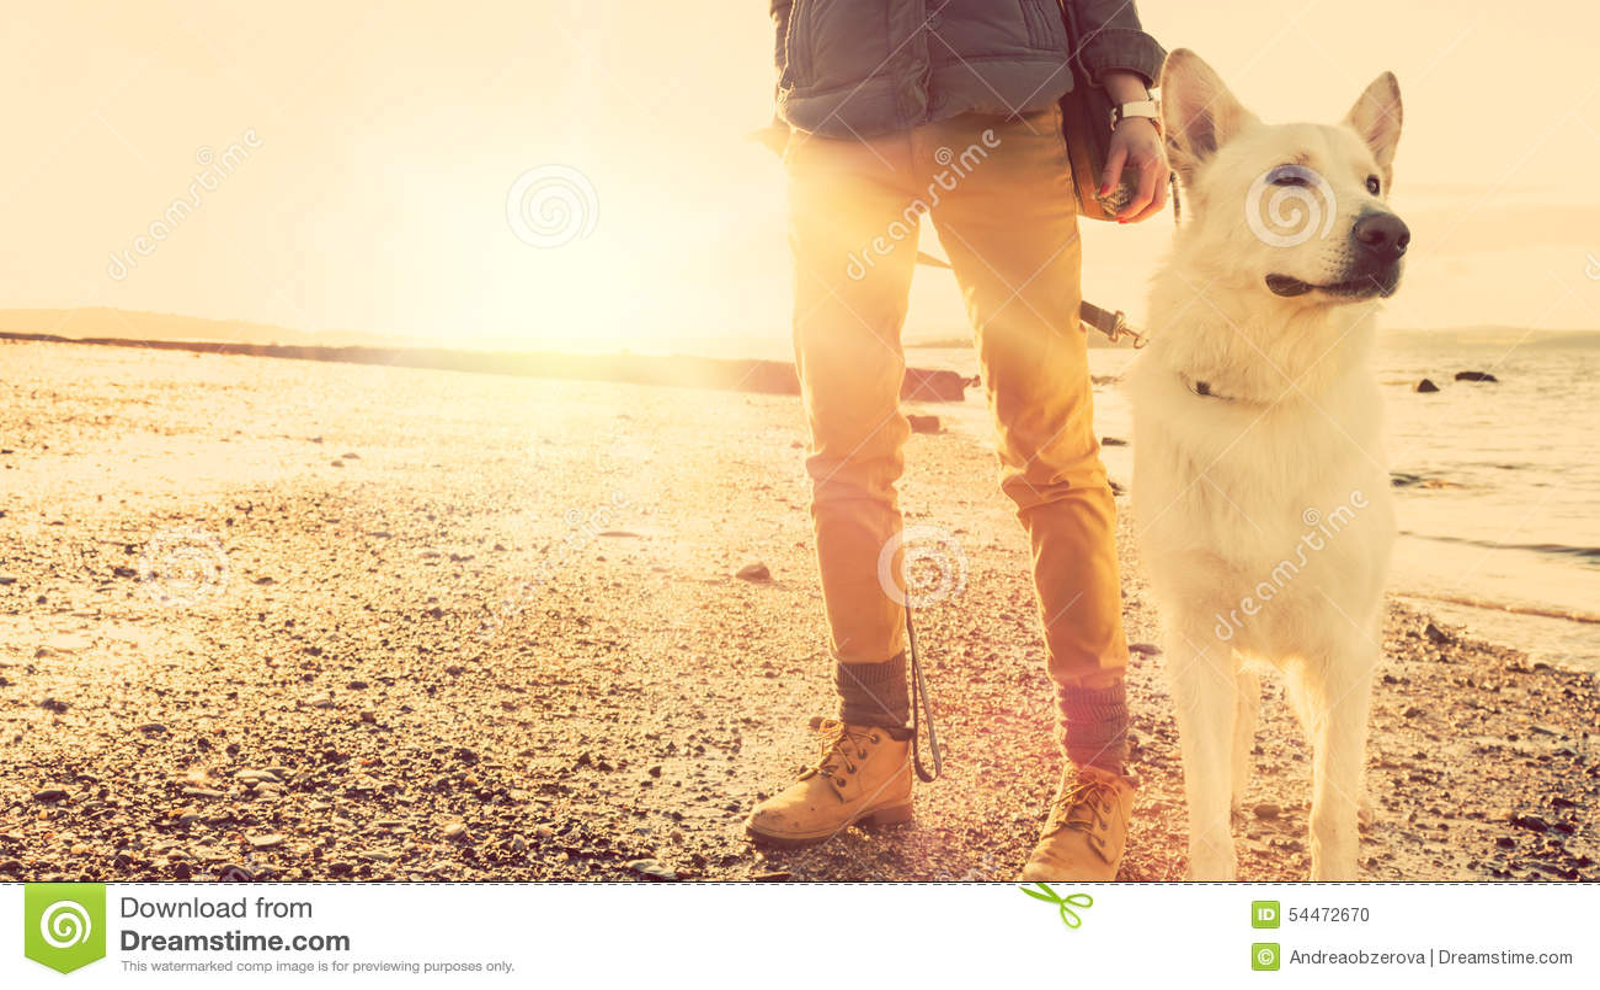 Девушка битника играя с собакой на пляже во время захода солнца, сильного влияния пирофакела объектива